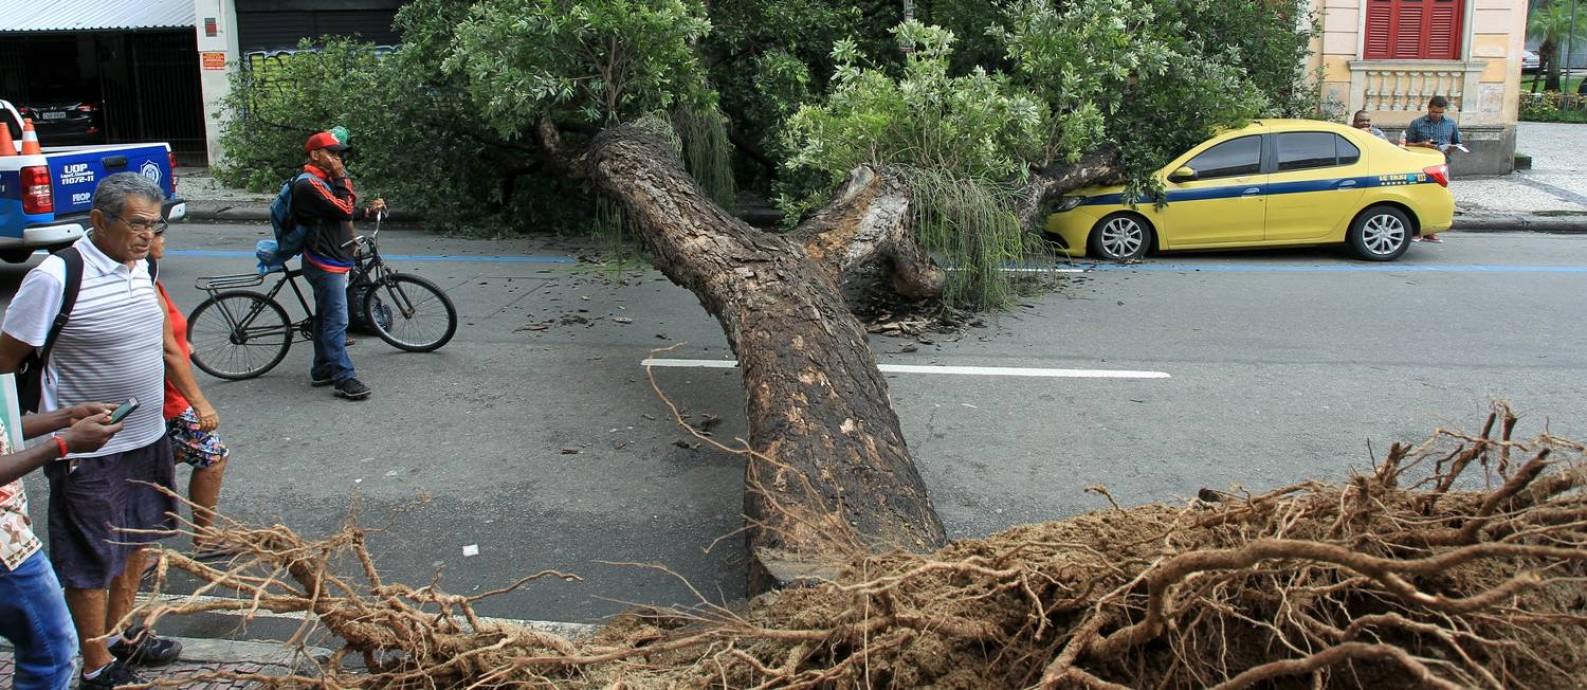 Árvore cai sobre de táxi na Avenida Mem de Sá, próximo aos Arcos da Lapa Foto: Gabriel de Paiva / Agência O Globo